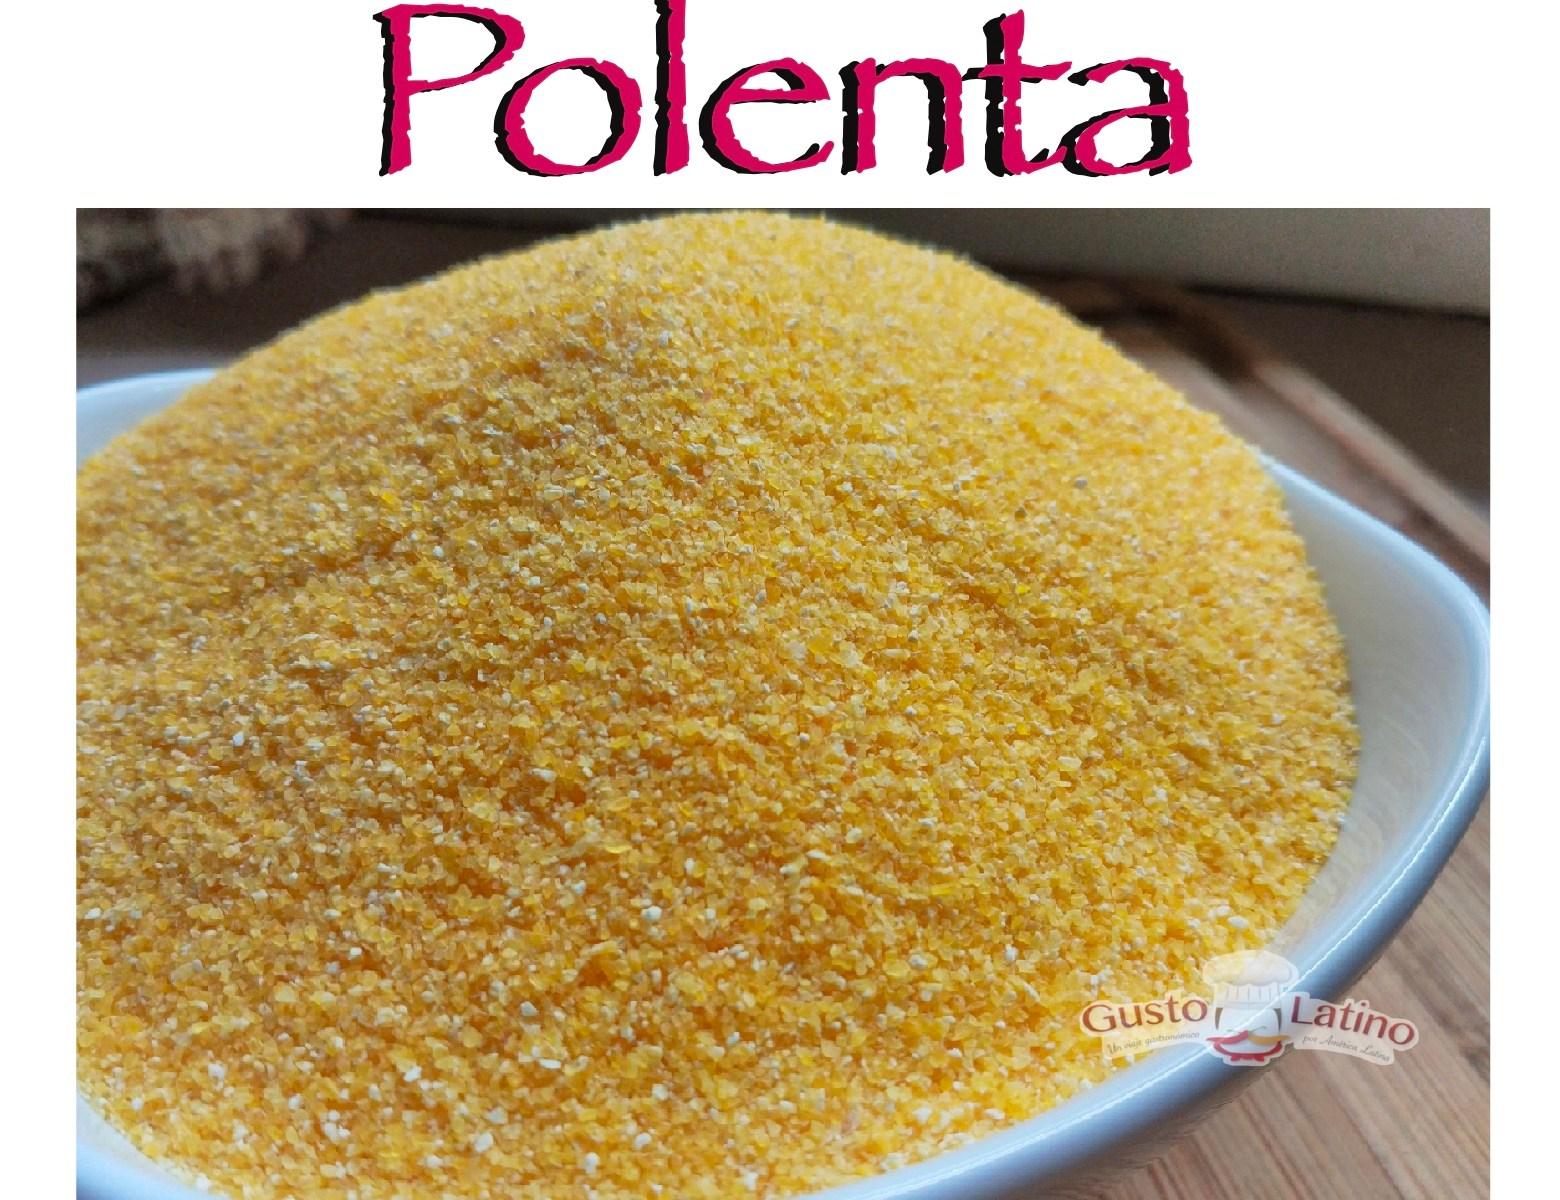 Polenta en América latina y receta